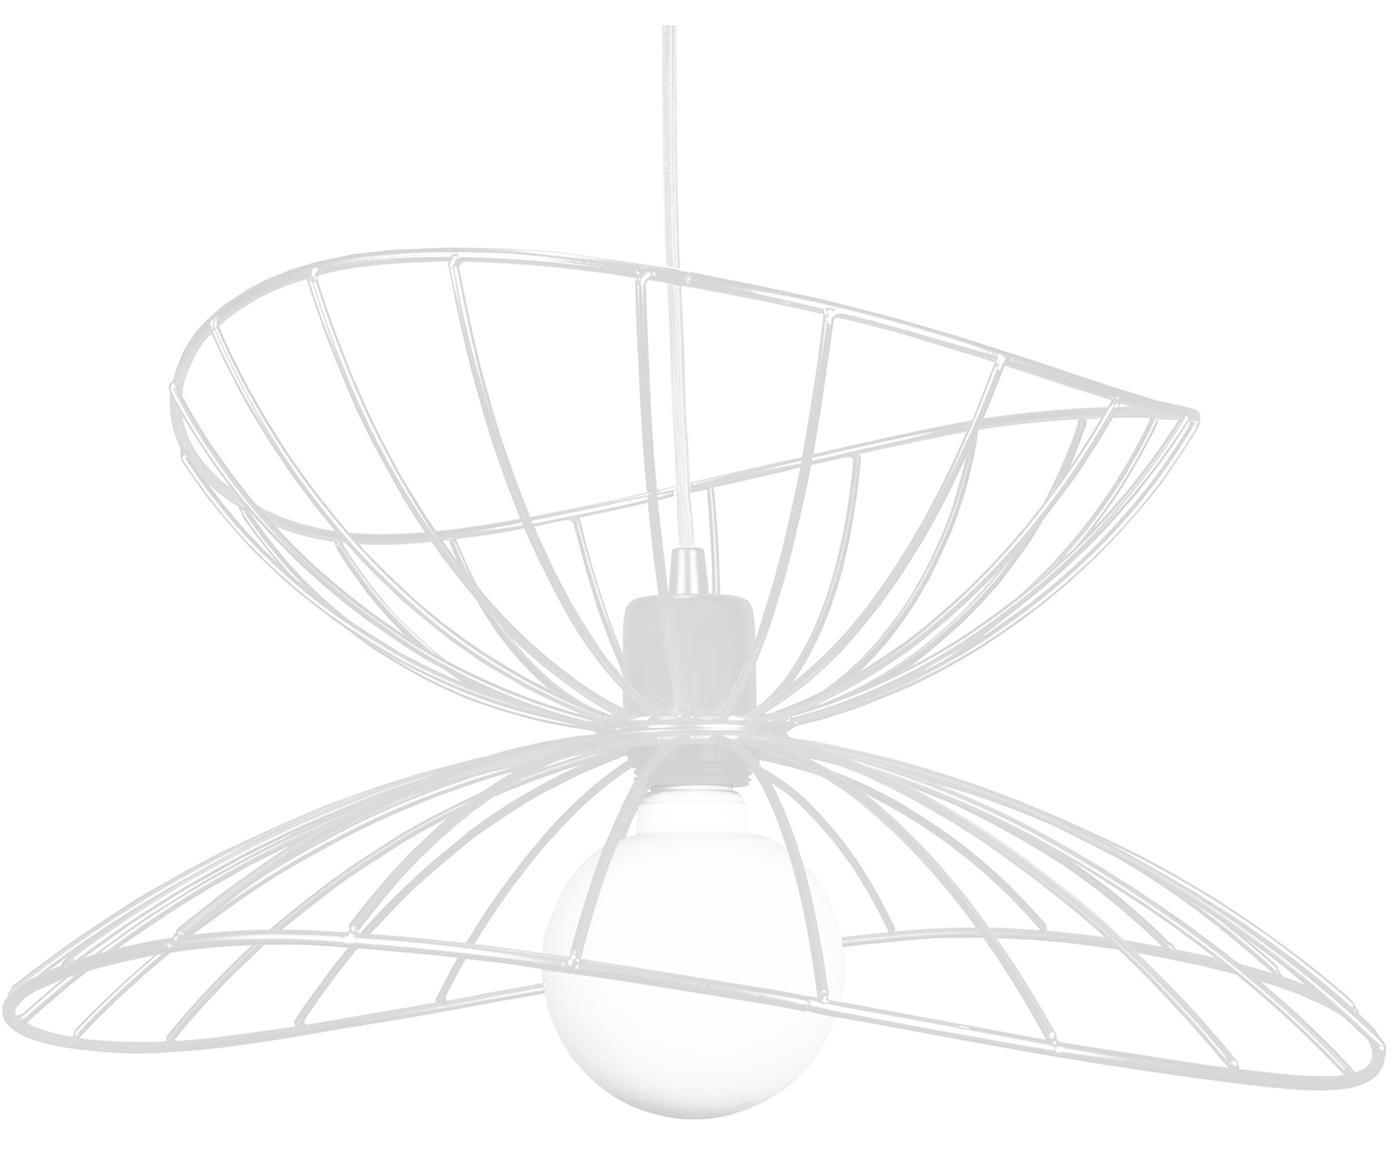 Design Pendelleuchte Ray, Metall, beschichtet, Weiß, Ø 45 x H 25 cm